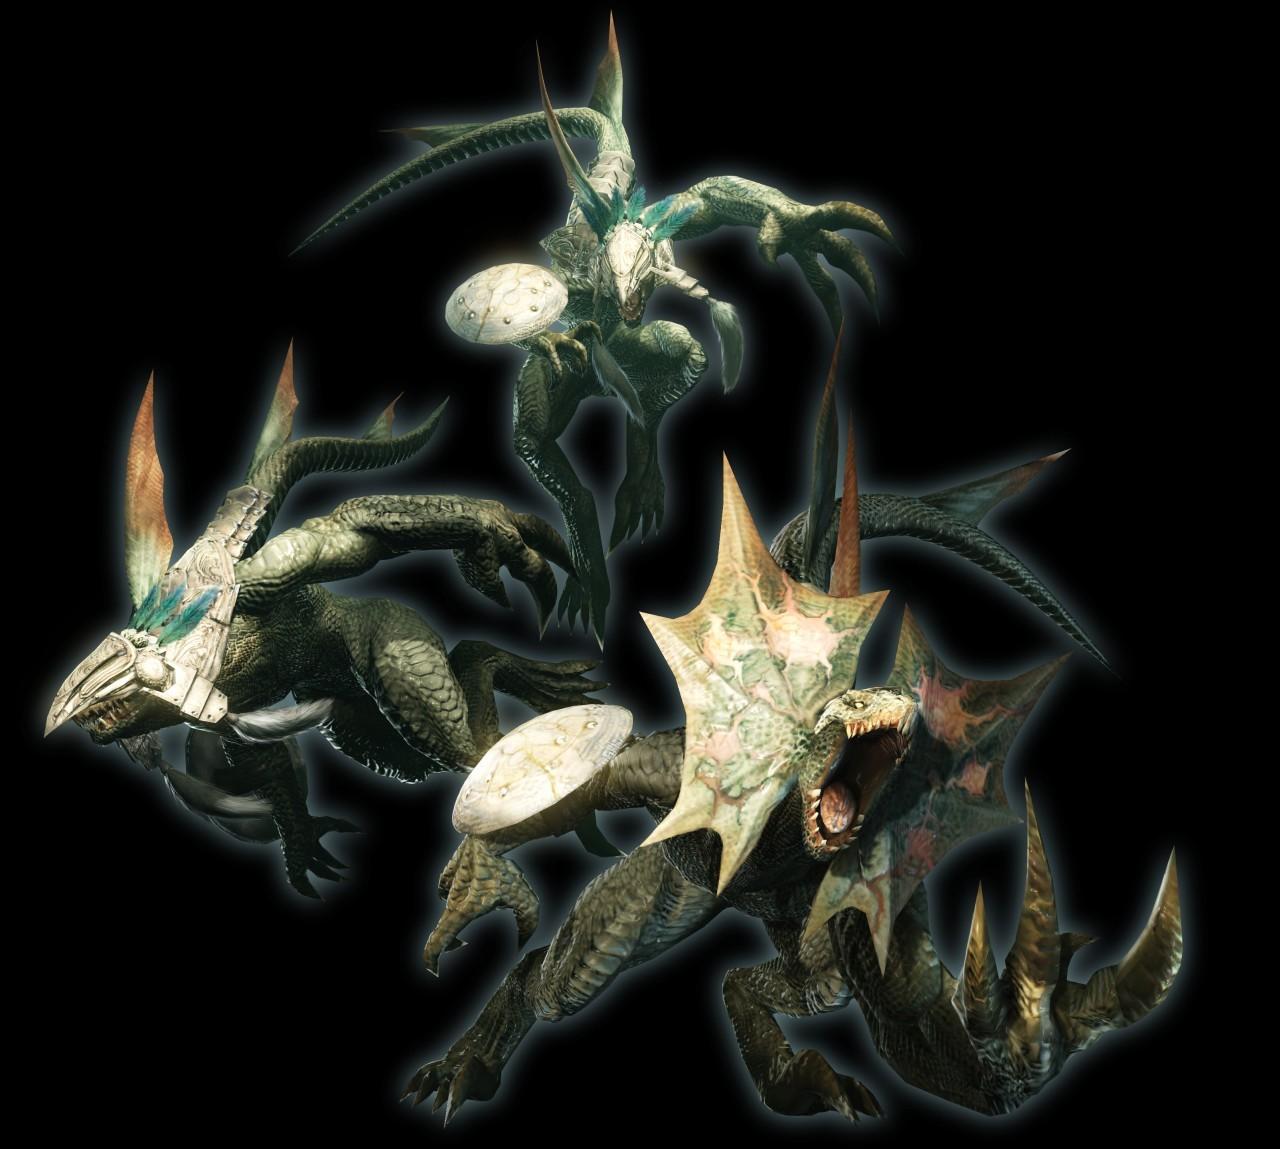 Image dante devil trigger dmc jpg devil may cry wiki fandom - Image Dante Devil Trigger Dmc Jpg Devil May Cry Wiki Fandom 55